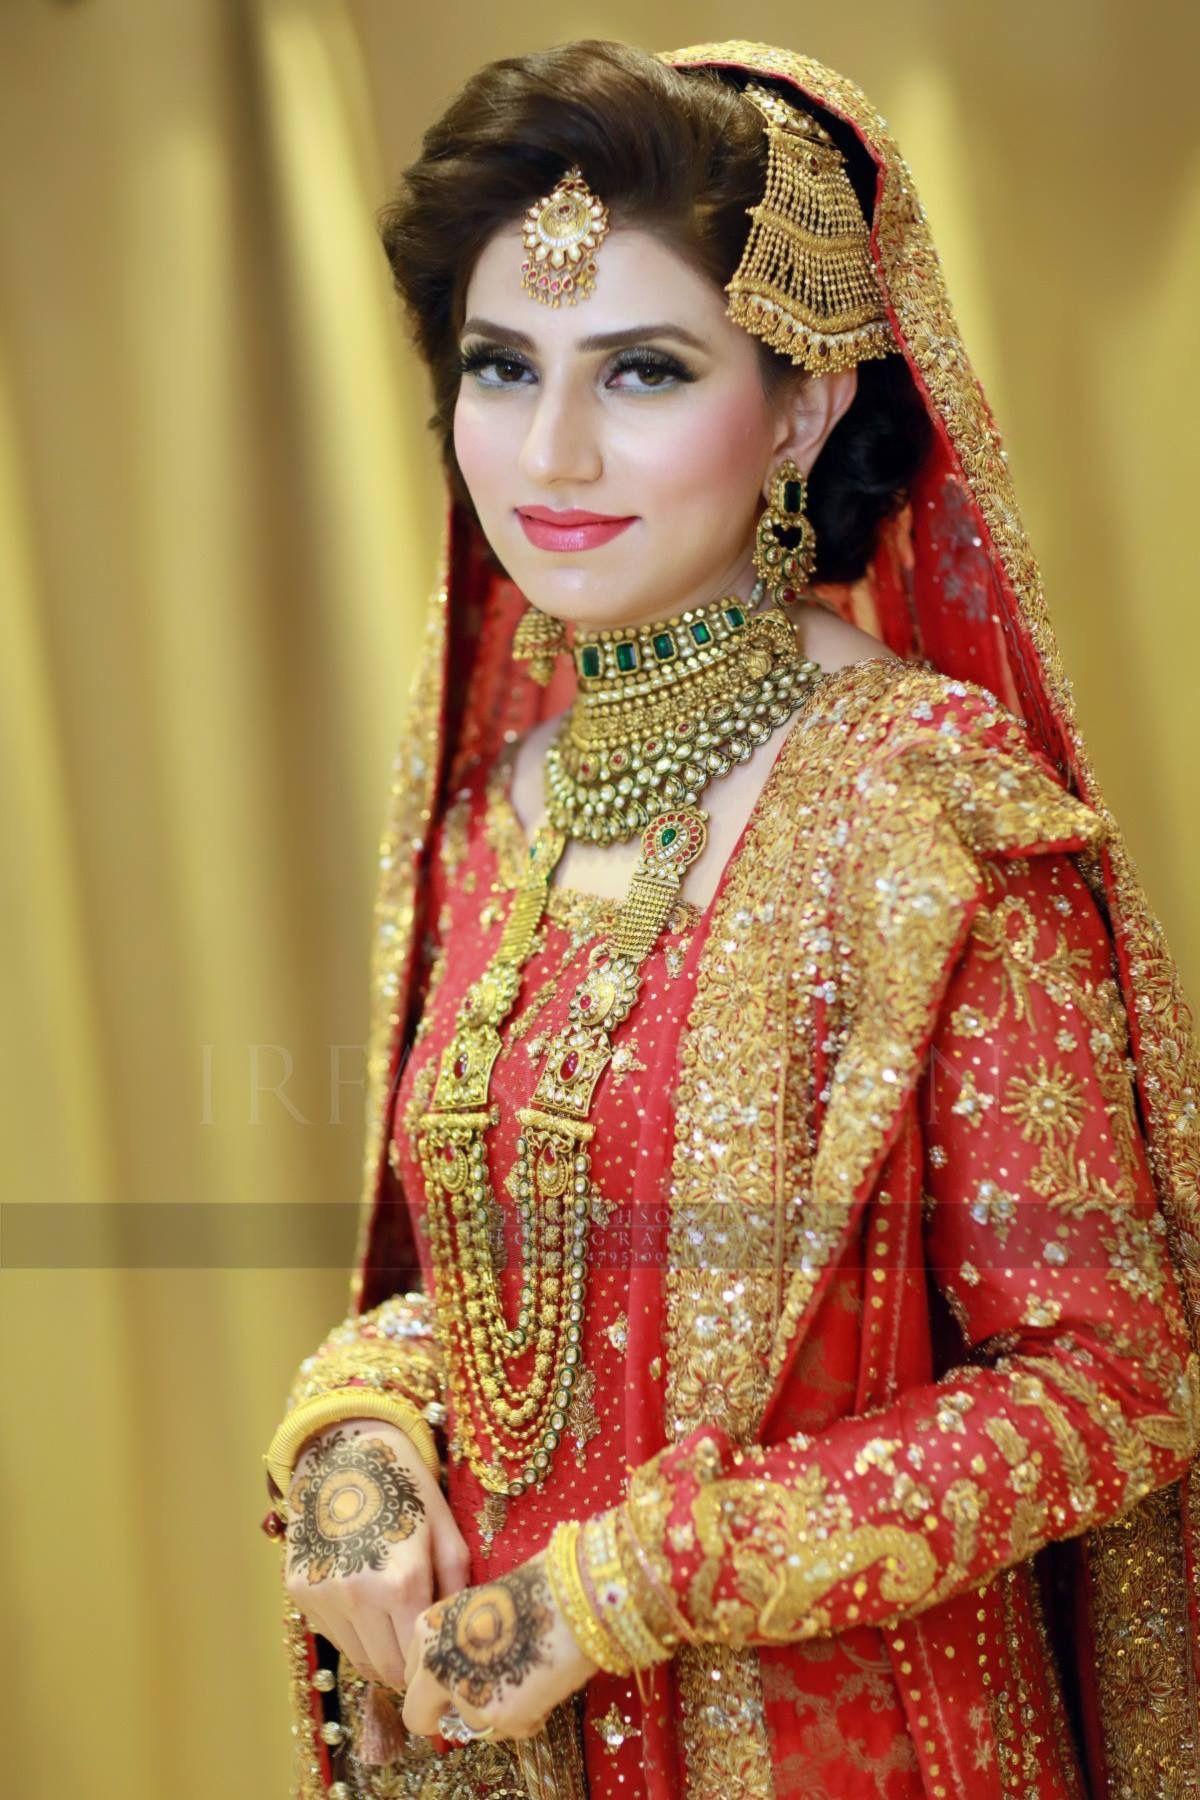 pin by farooq farooq on bride | pinterest | pakistani, bridal